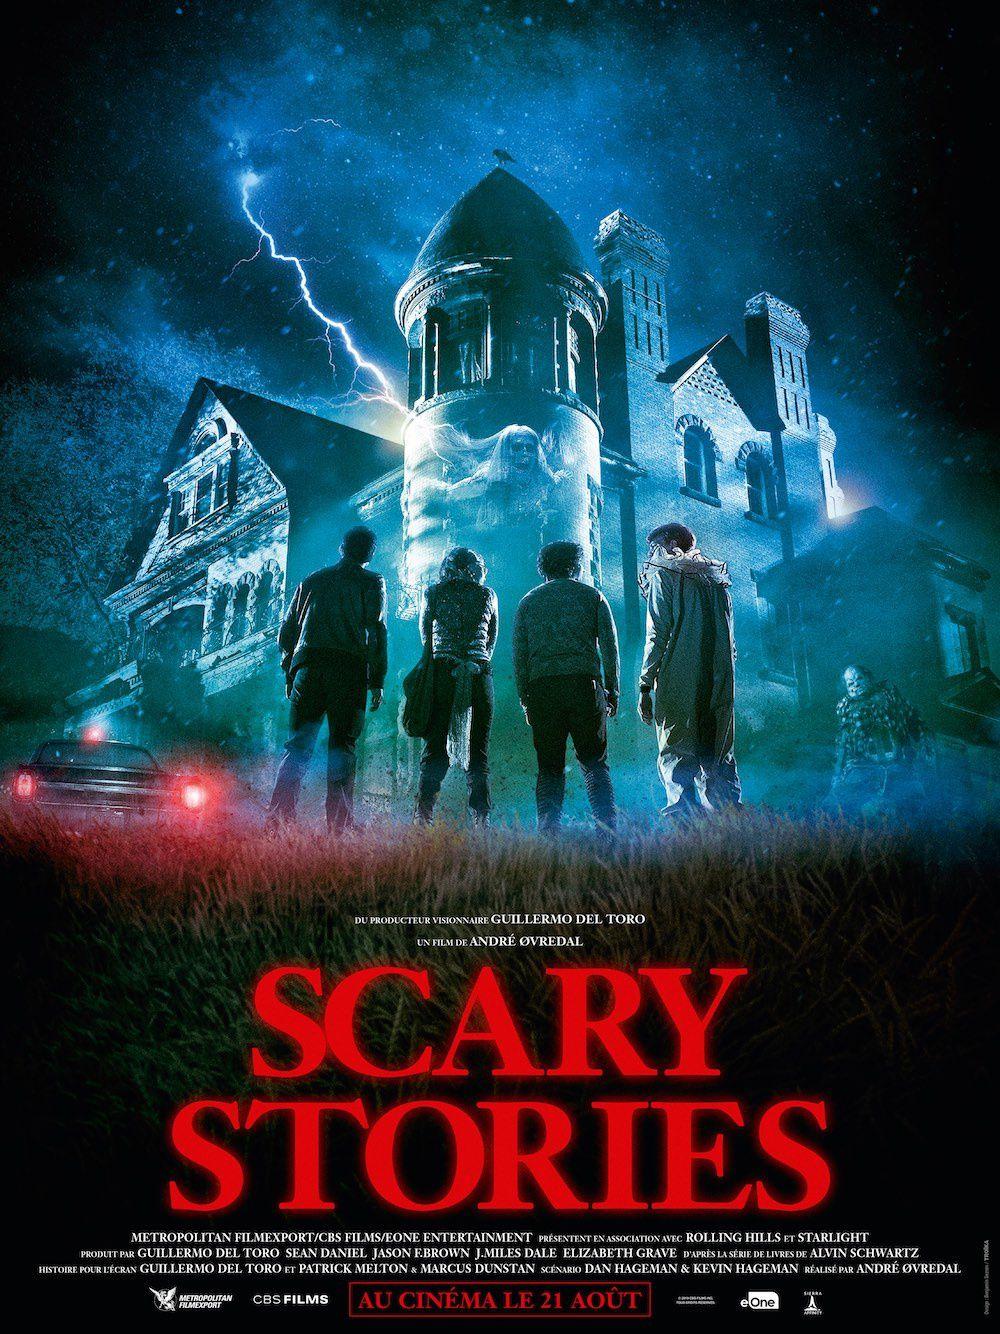 Nouvelle bande-annonce de Scary Stories, un film  produit par Guillermo del Toro.